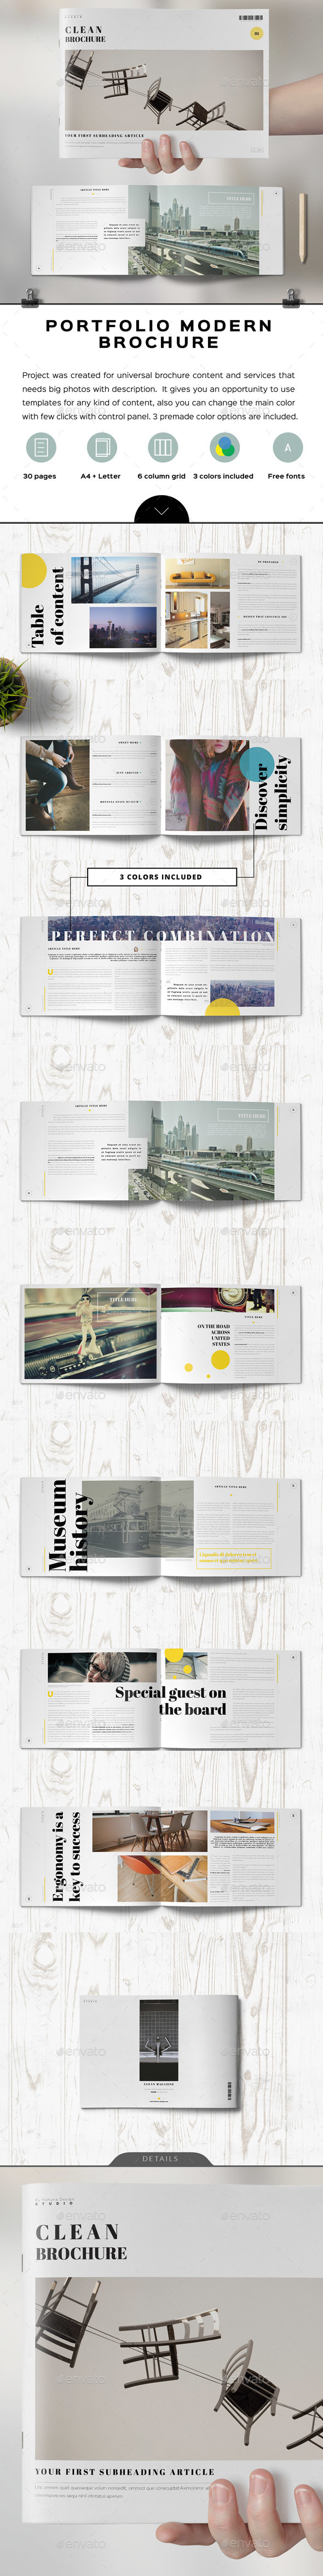 Clean Minimal Elegant Landscape Brochure - Informational Brochures